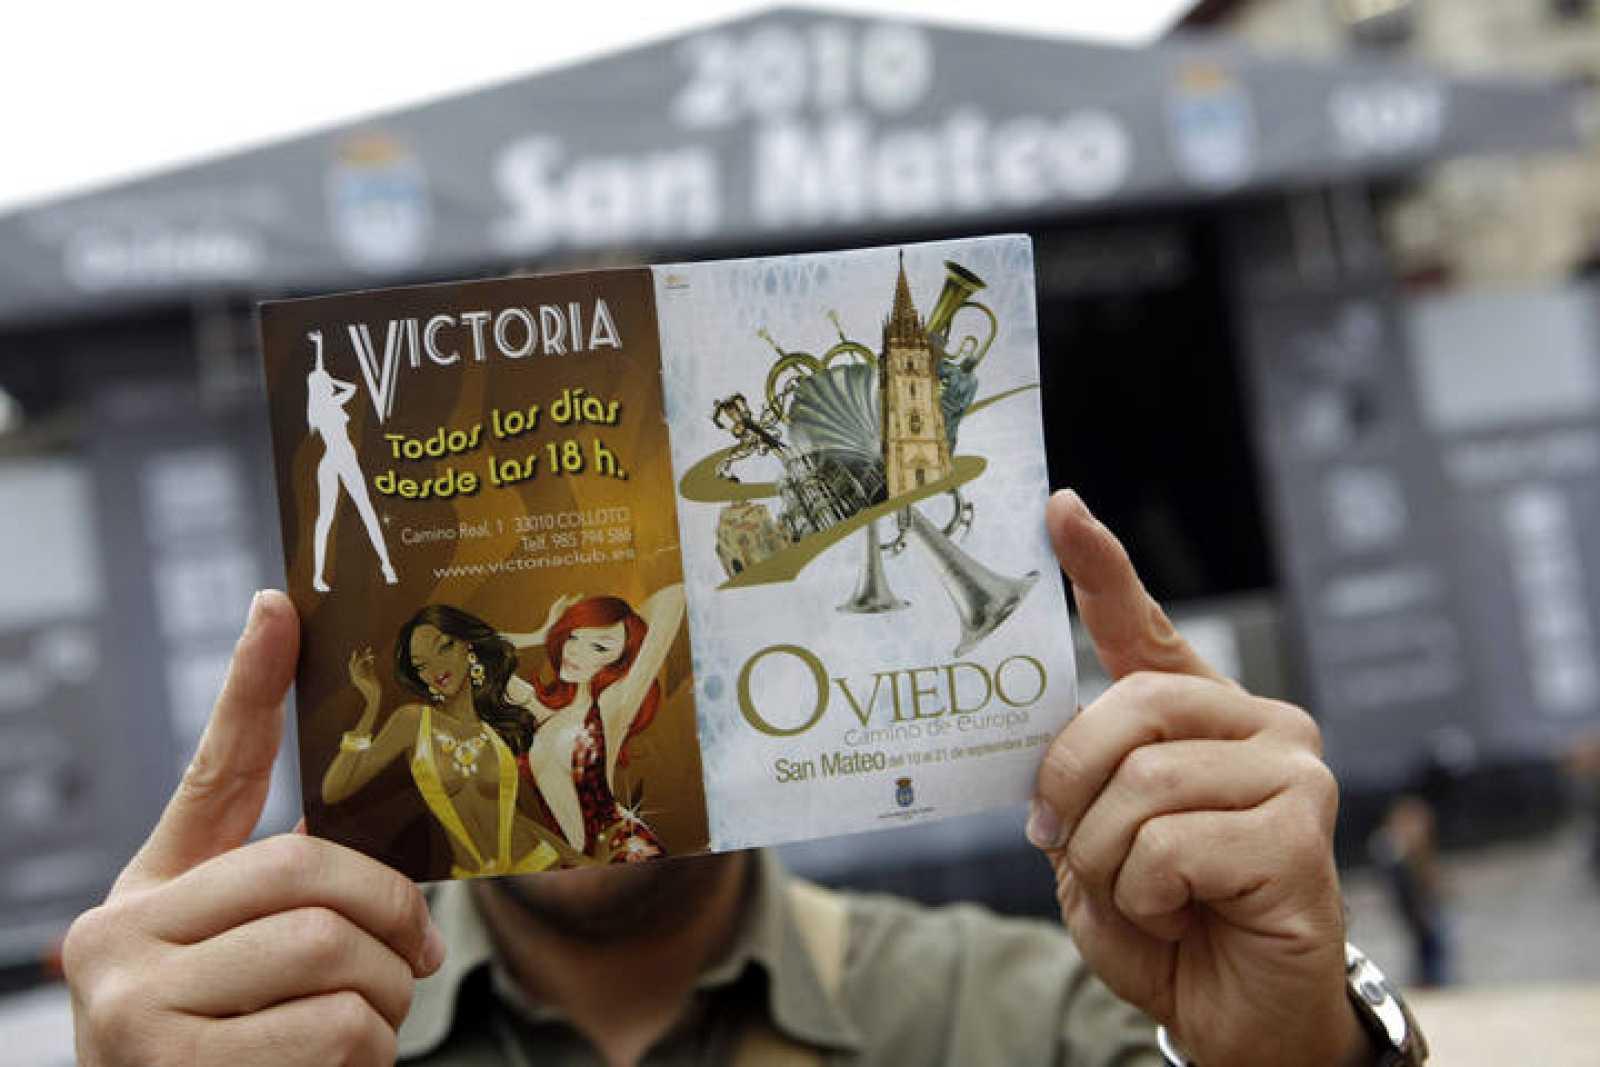 La contraportada del folleto de fiestas de Oviedo es un anuncio de un club de alterne